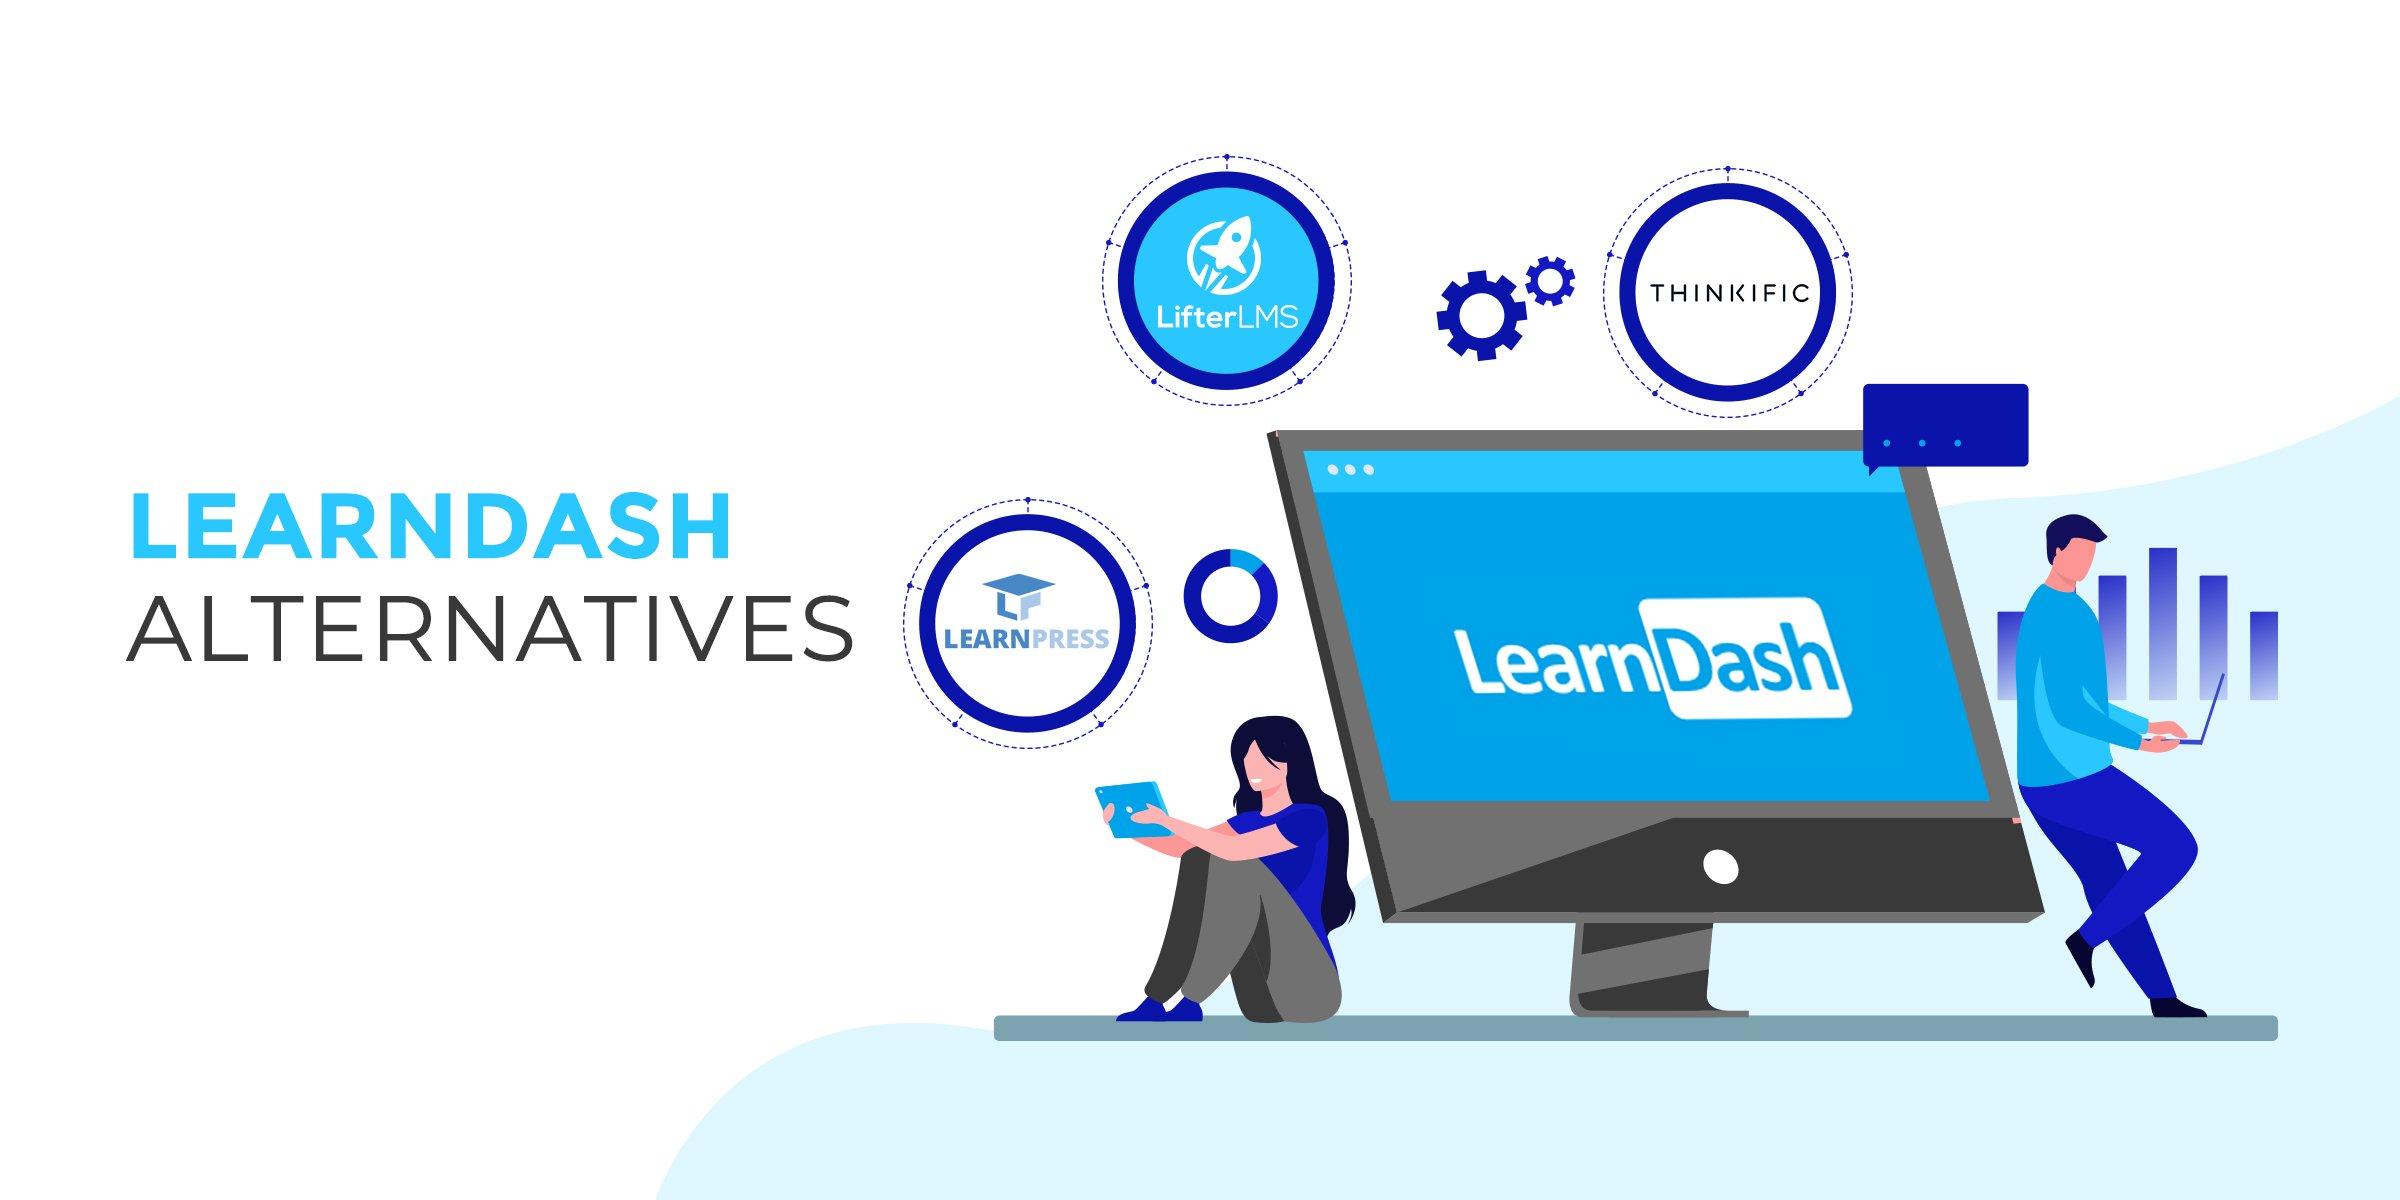 LearnDash Alternative